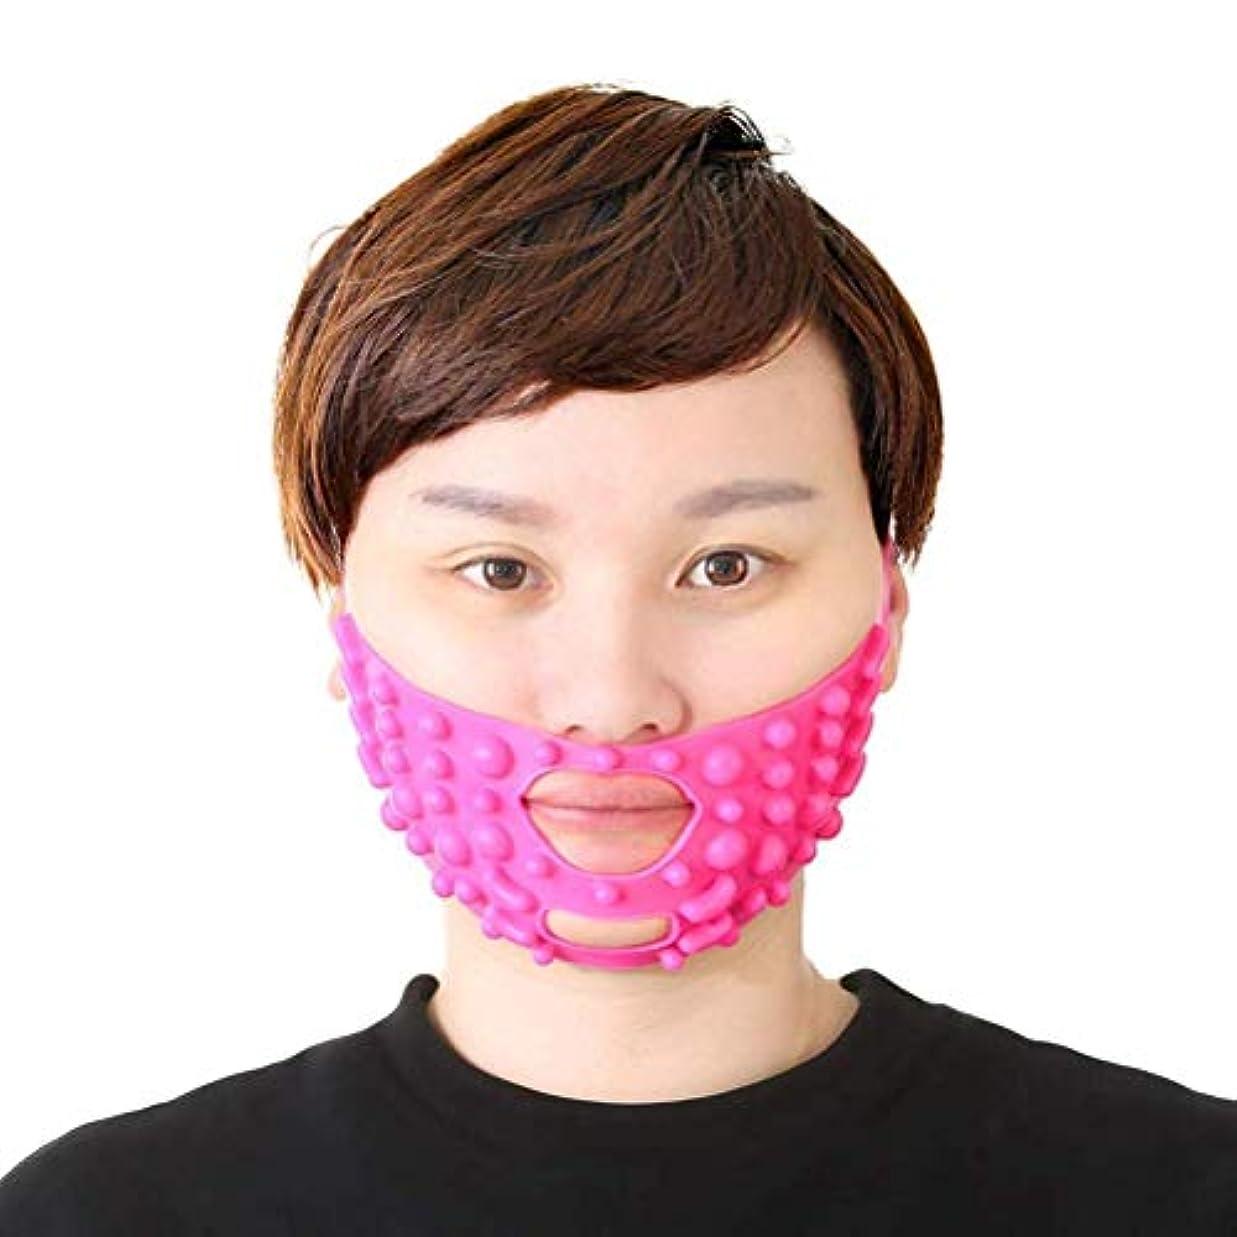 作りますオープナーライド二重あごベルト、薄いフェイスマスク包帯、頬スリムVフェイスベルト、痩身包帯通気性ストレッチ